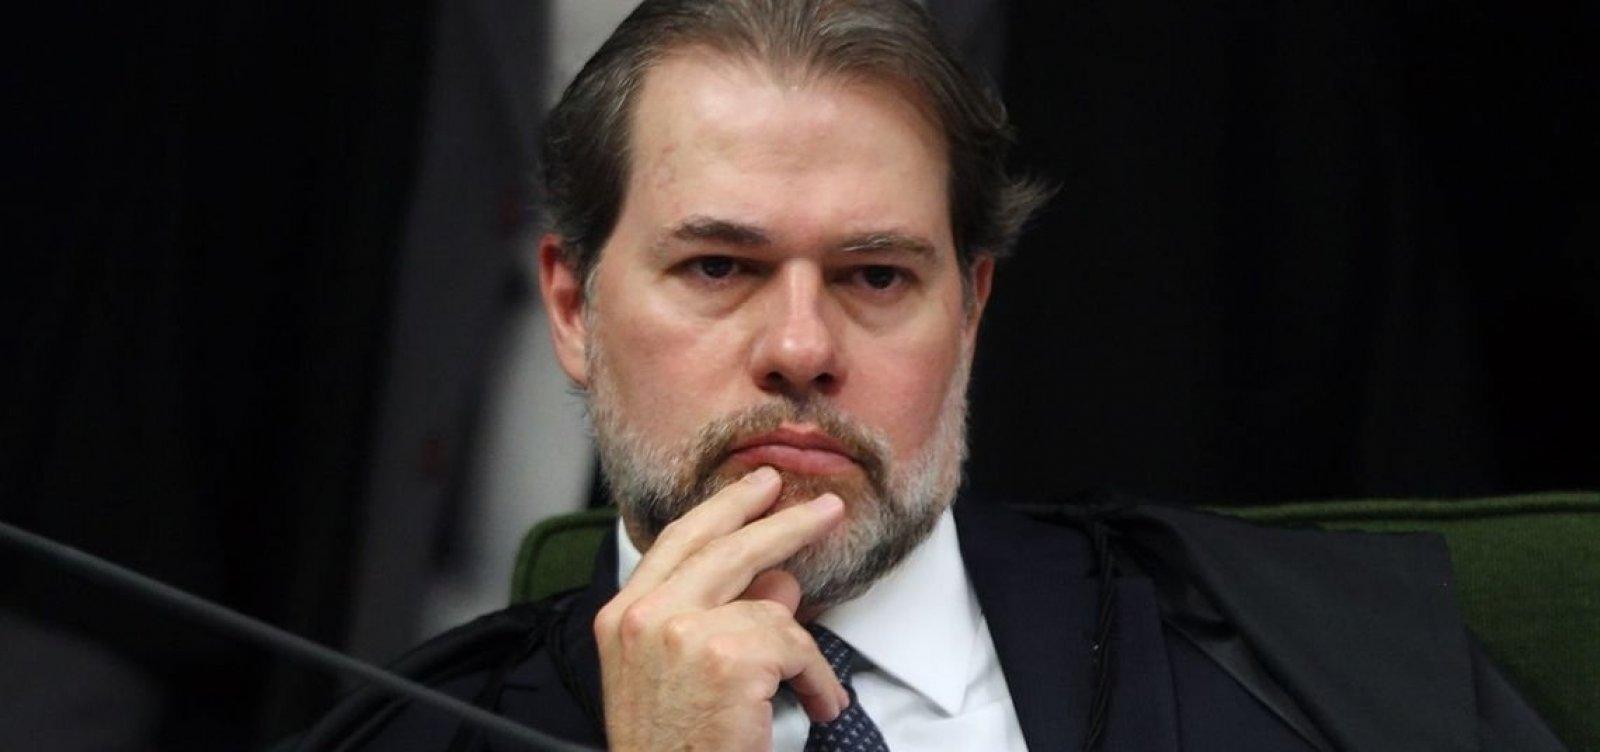 [Procuradores defendem Lava Jato após críticas de Toffoli]